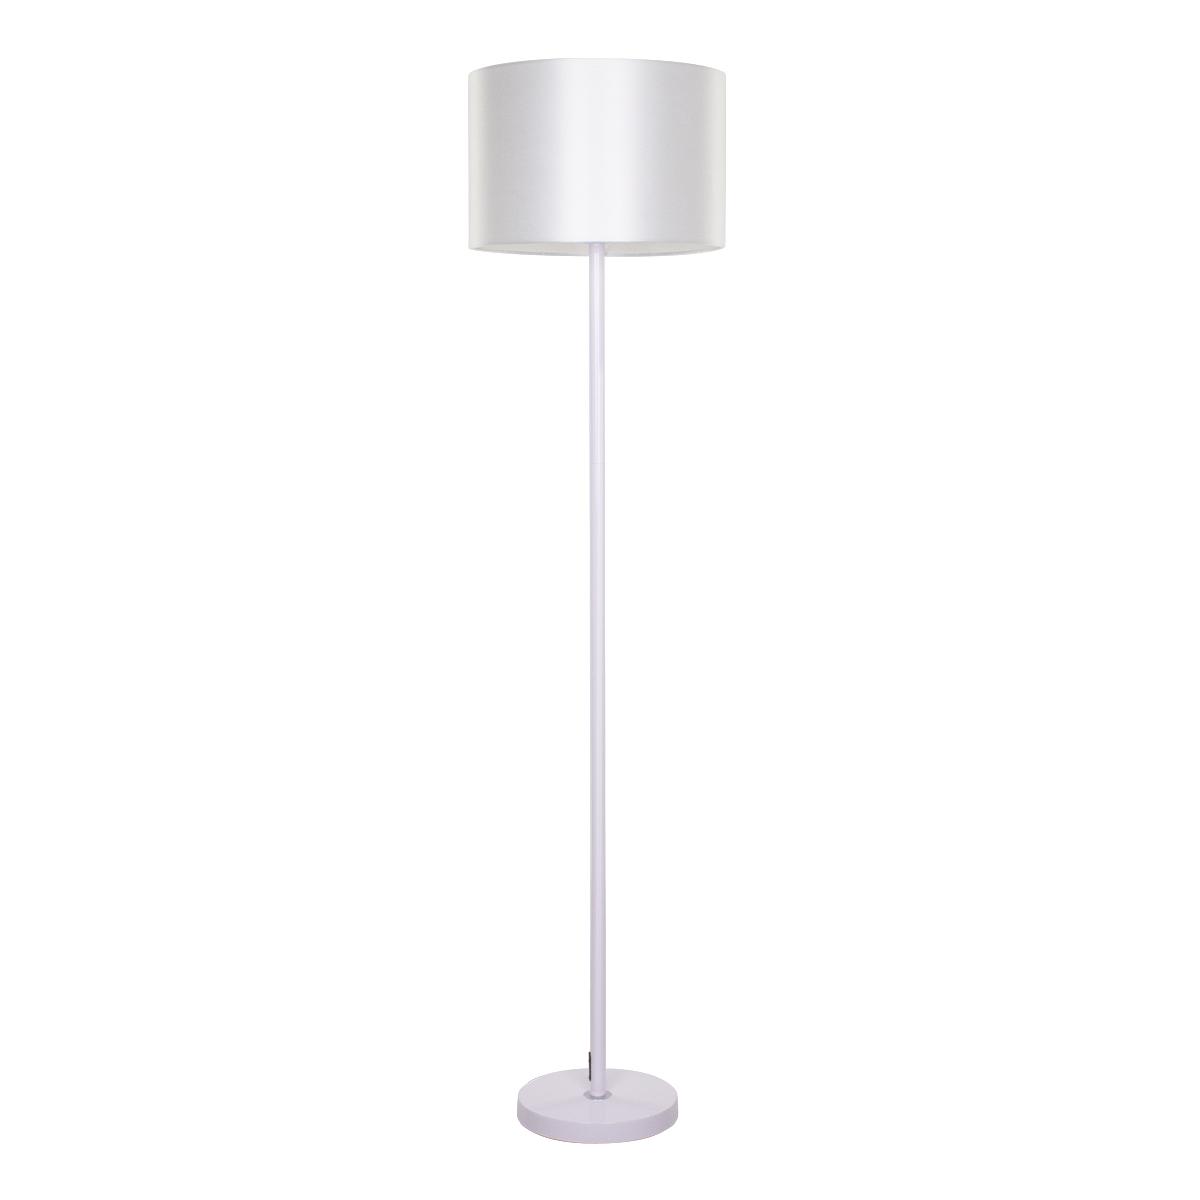 globostar-ashley-00823-moderno-fotistiko-dapedou-monofoto-metalliko-leuko-me-kapelo-f35-x-i145cm